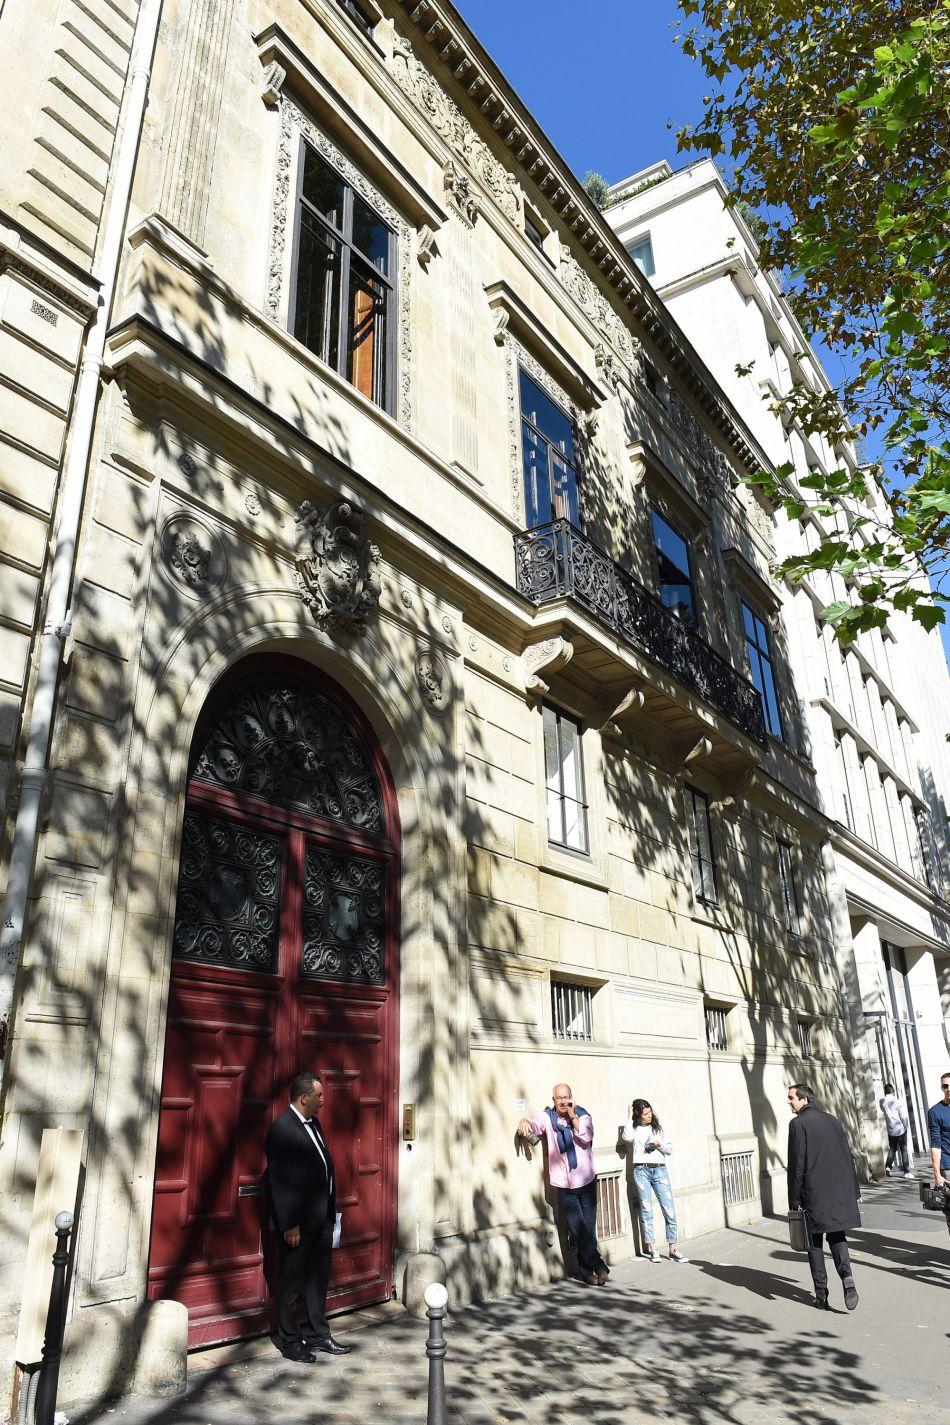 De passage à Paris pour la Fashion Week, la star de téléréalité avait choisi de descendre dans un hôtel particulier.